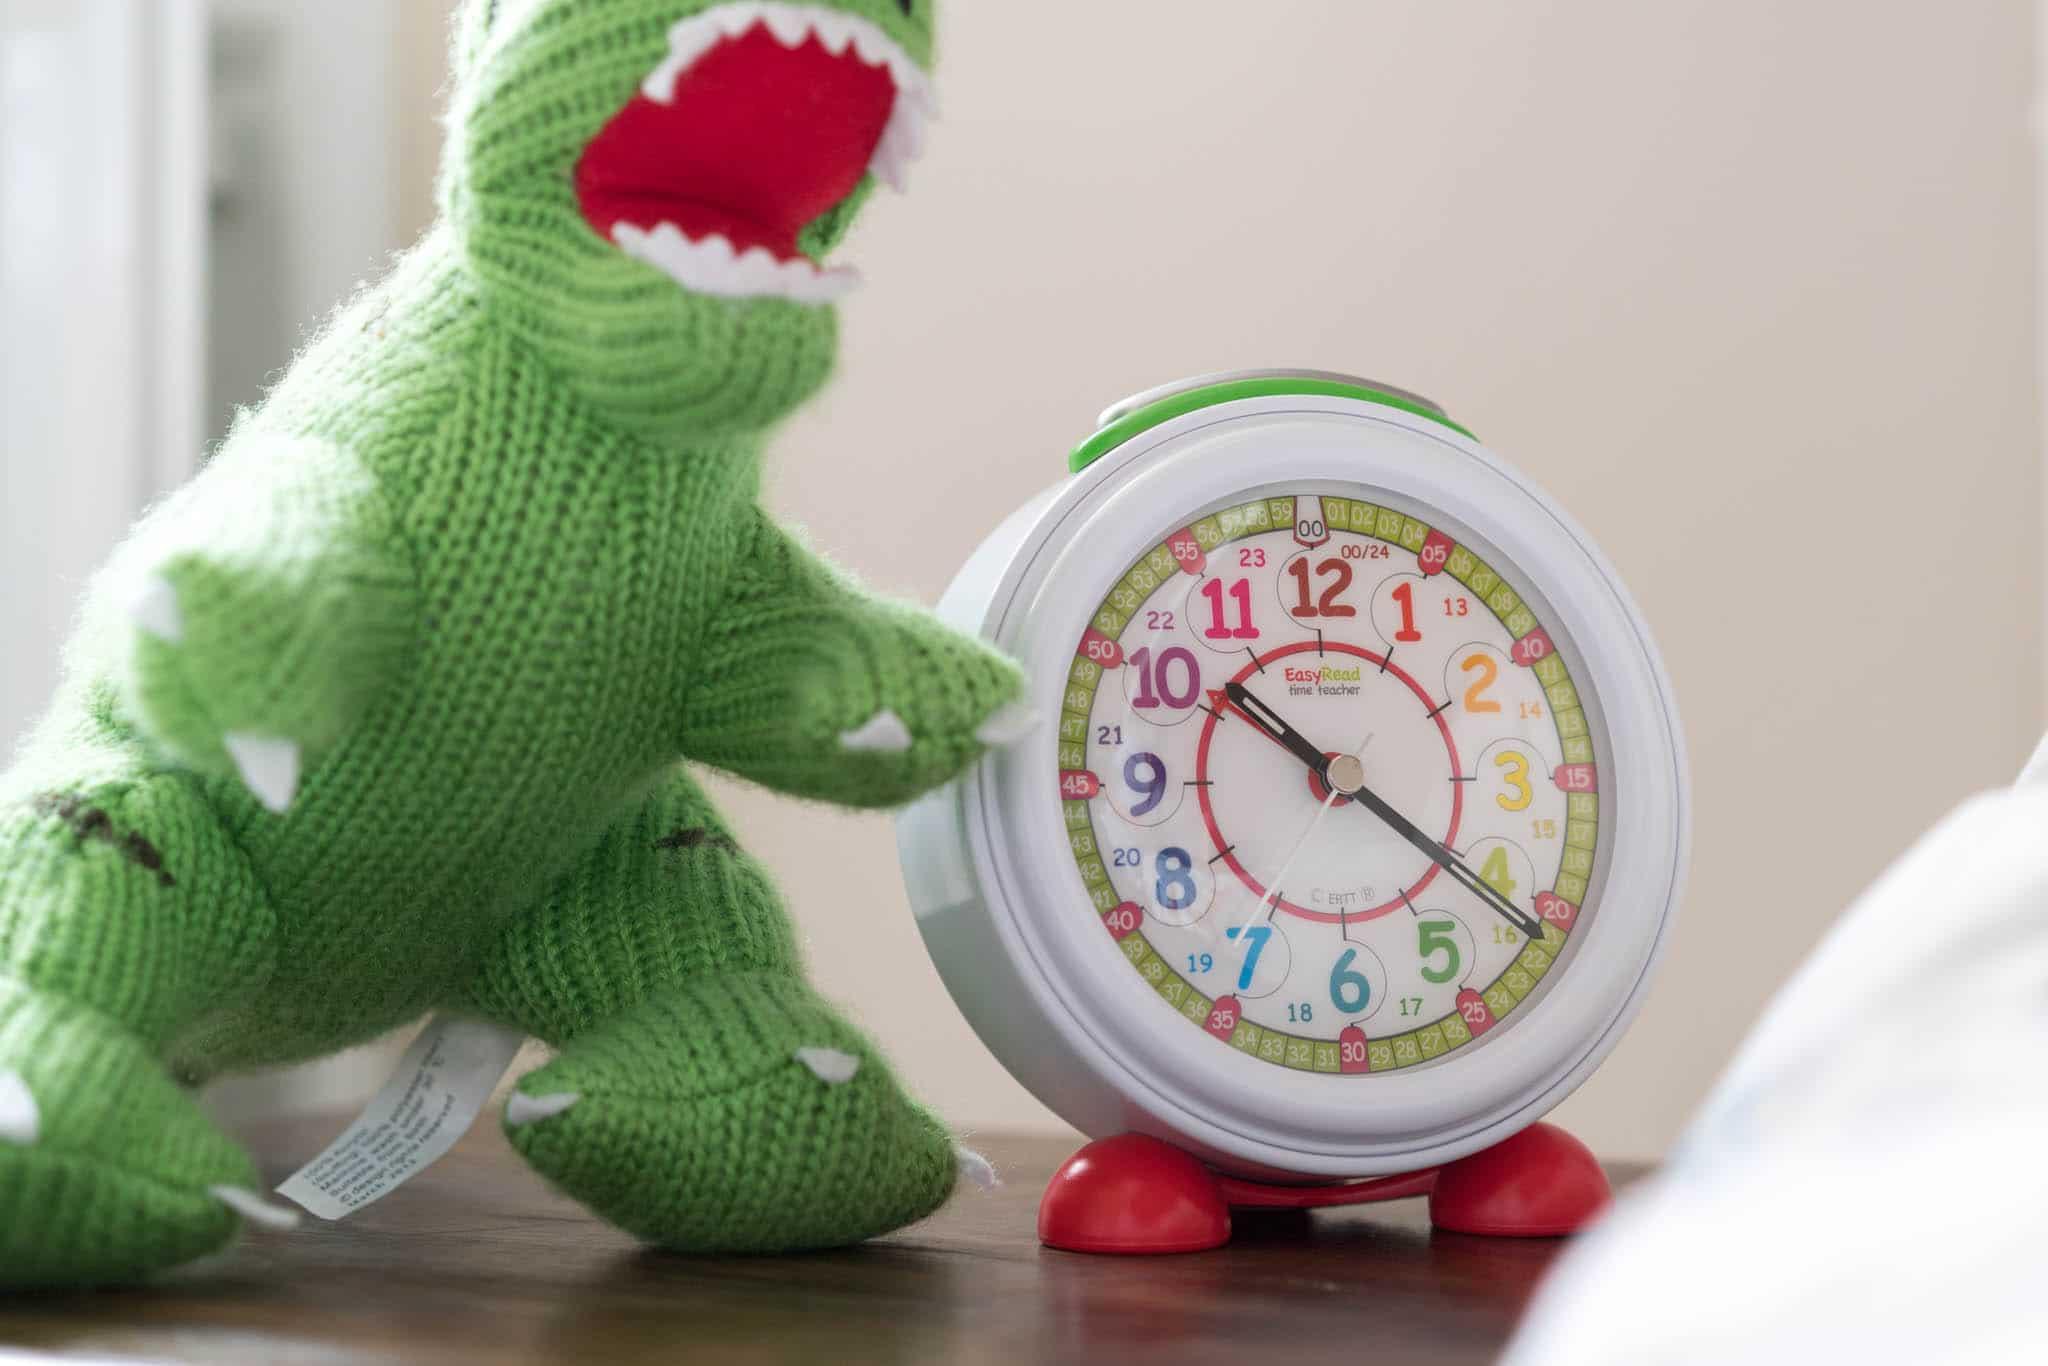 Alarm Clock Rainbow Face 24 Hour Easyread Time Teacher